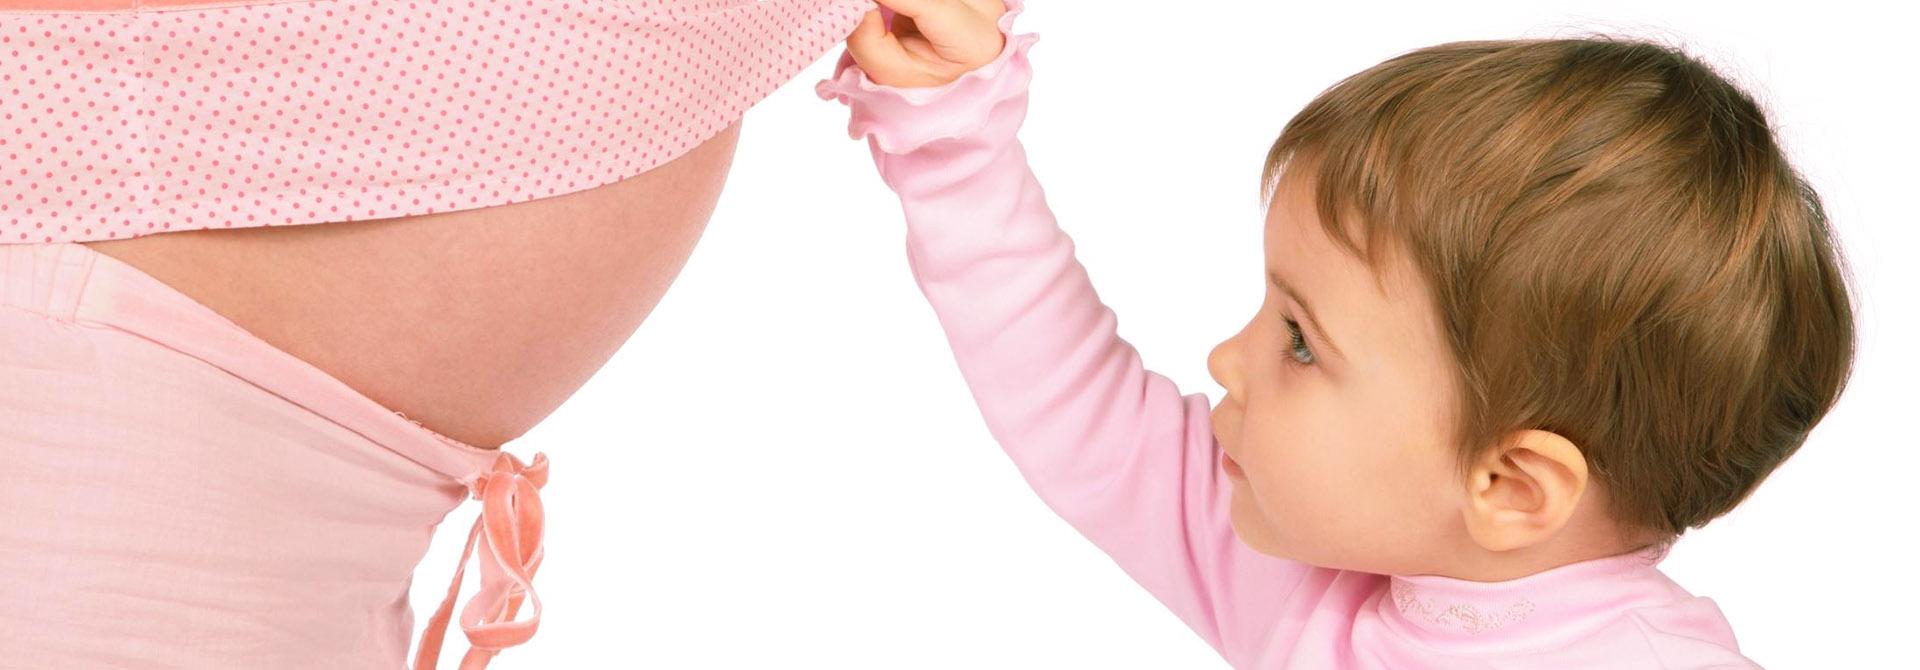 Суррогатная мама услуги в россии объявления объявления услуги транспорт ищу